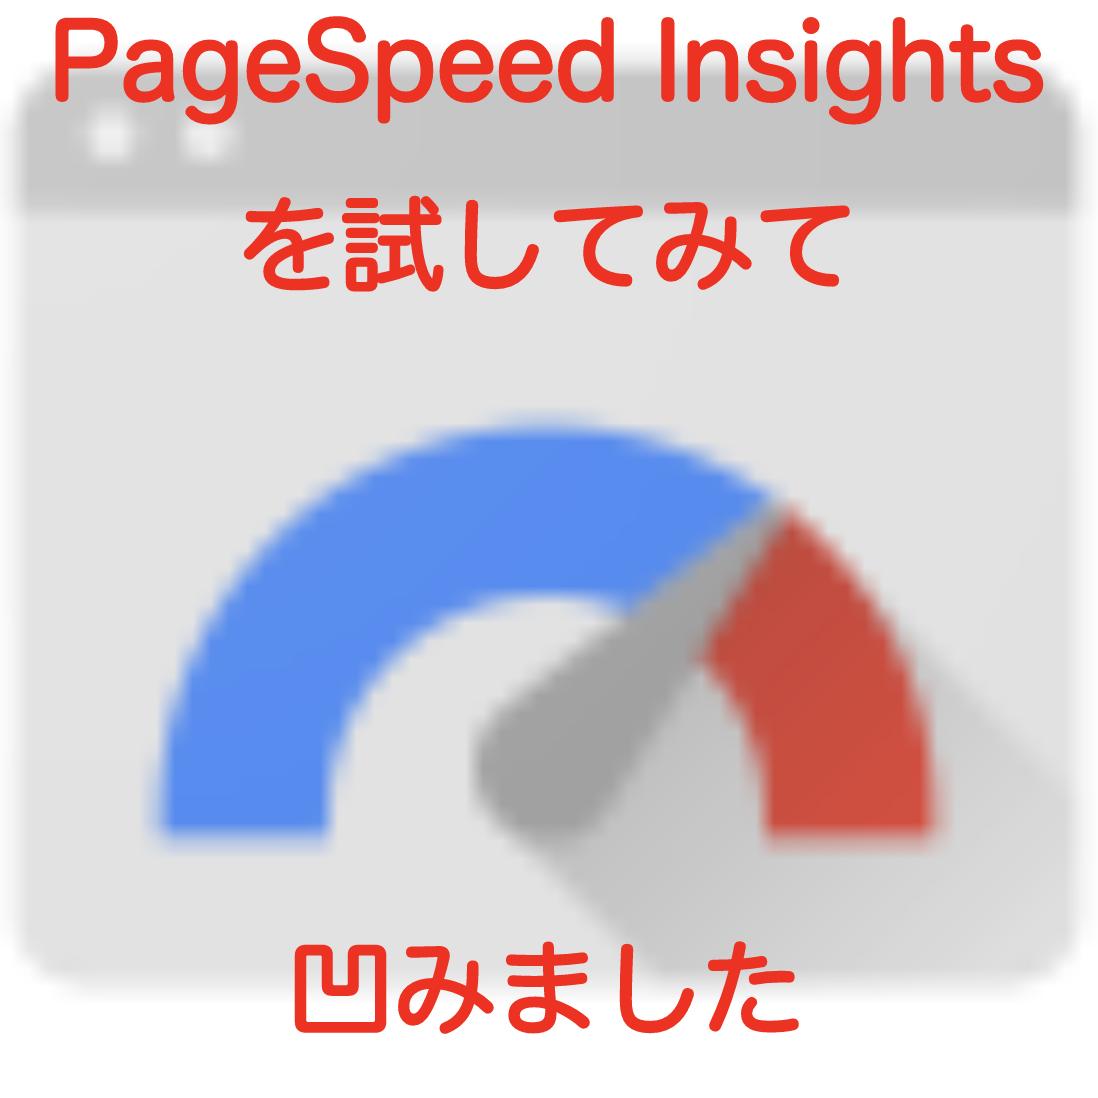 PageSpeedInsightsを試してみて凹みました